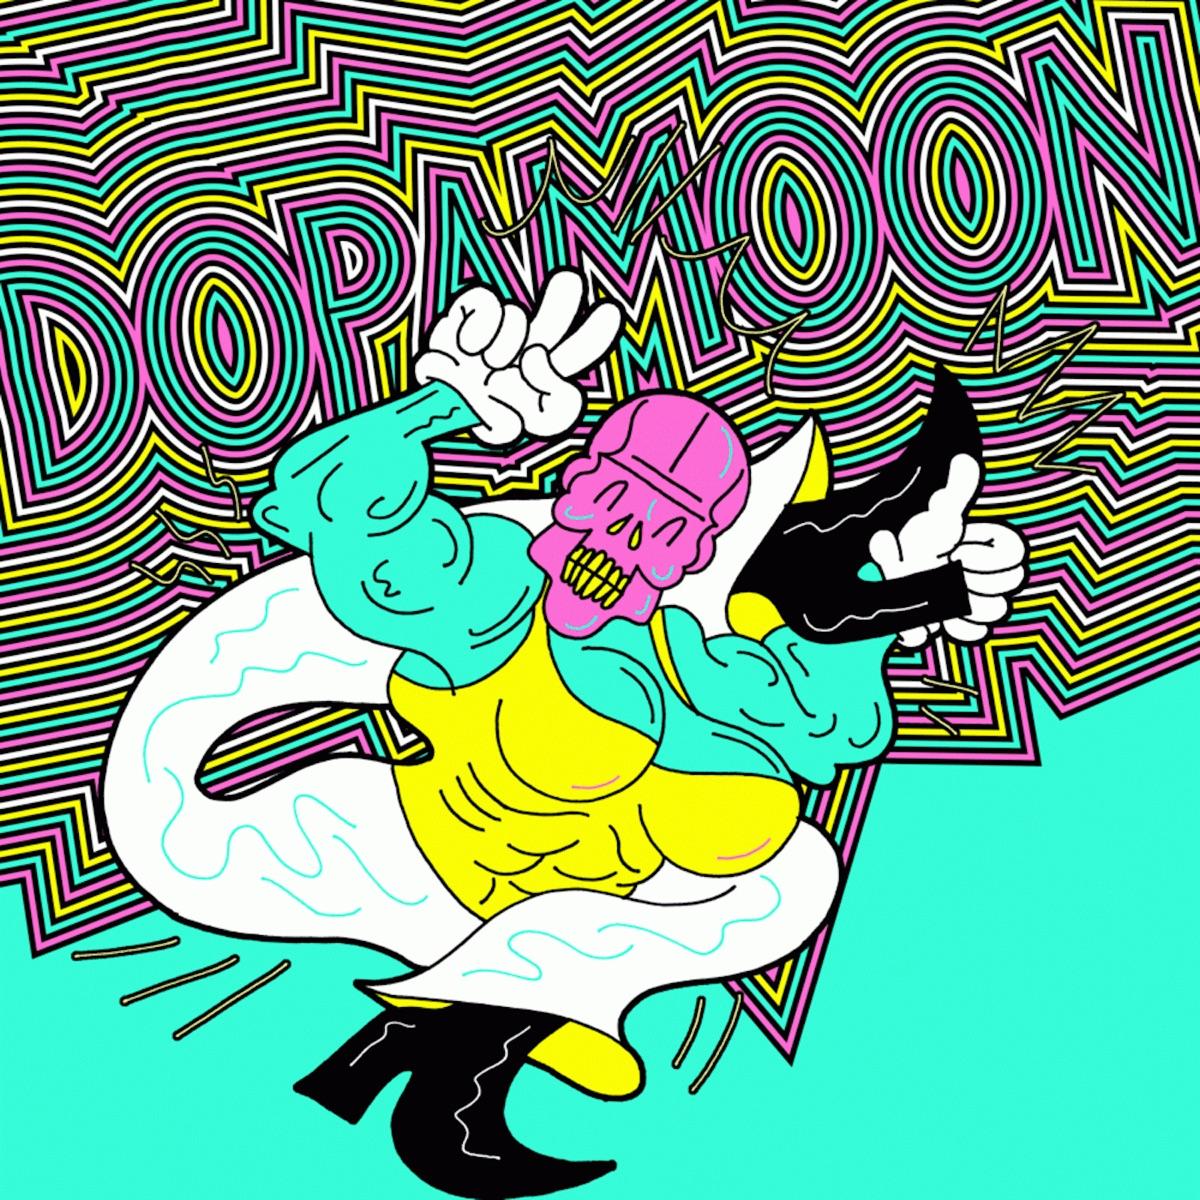 Dopamoon - Dopamoon